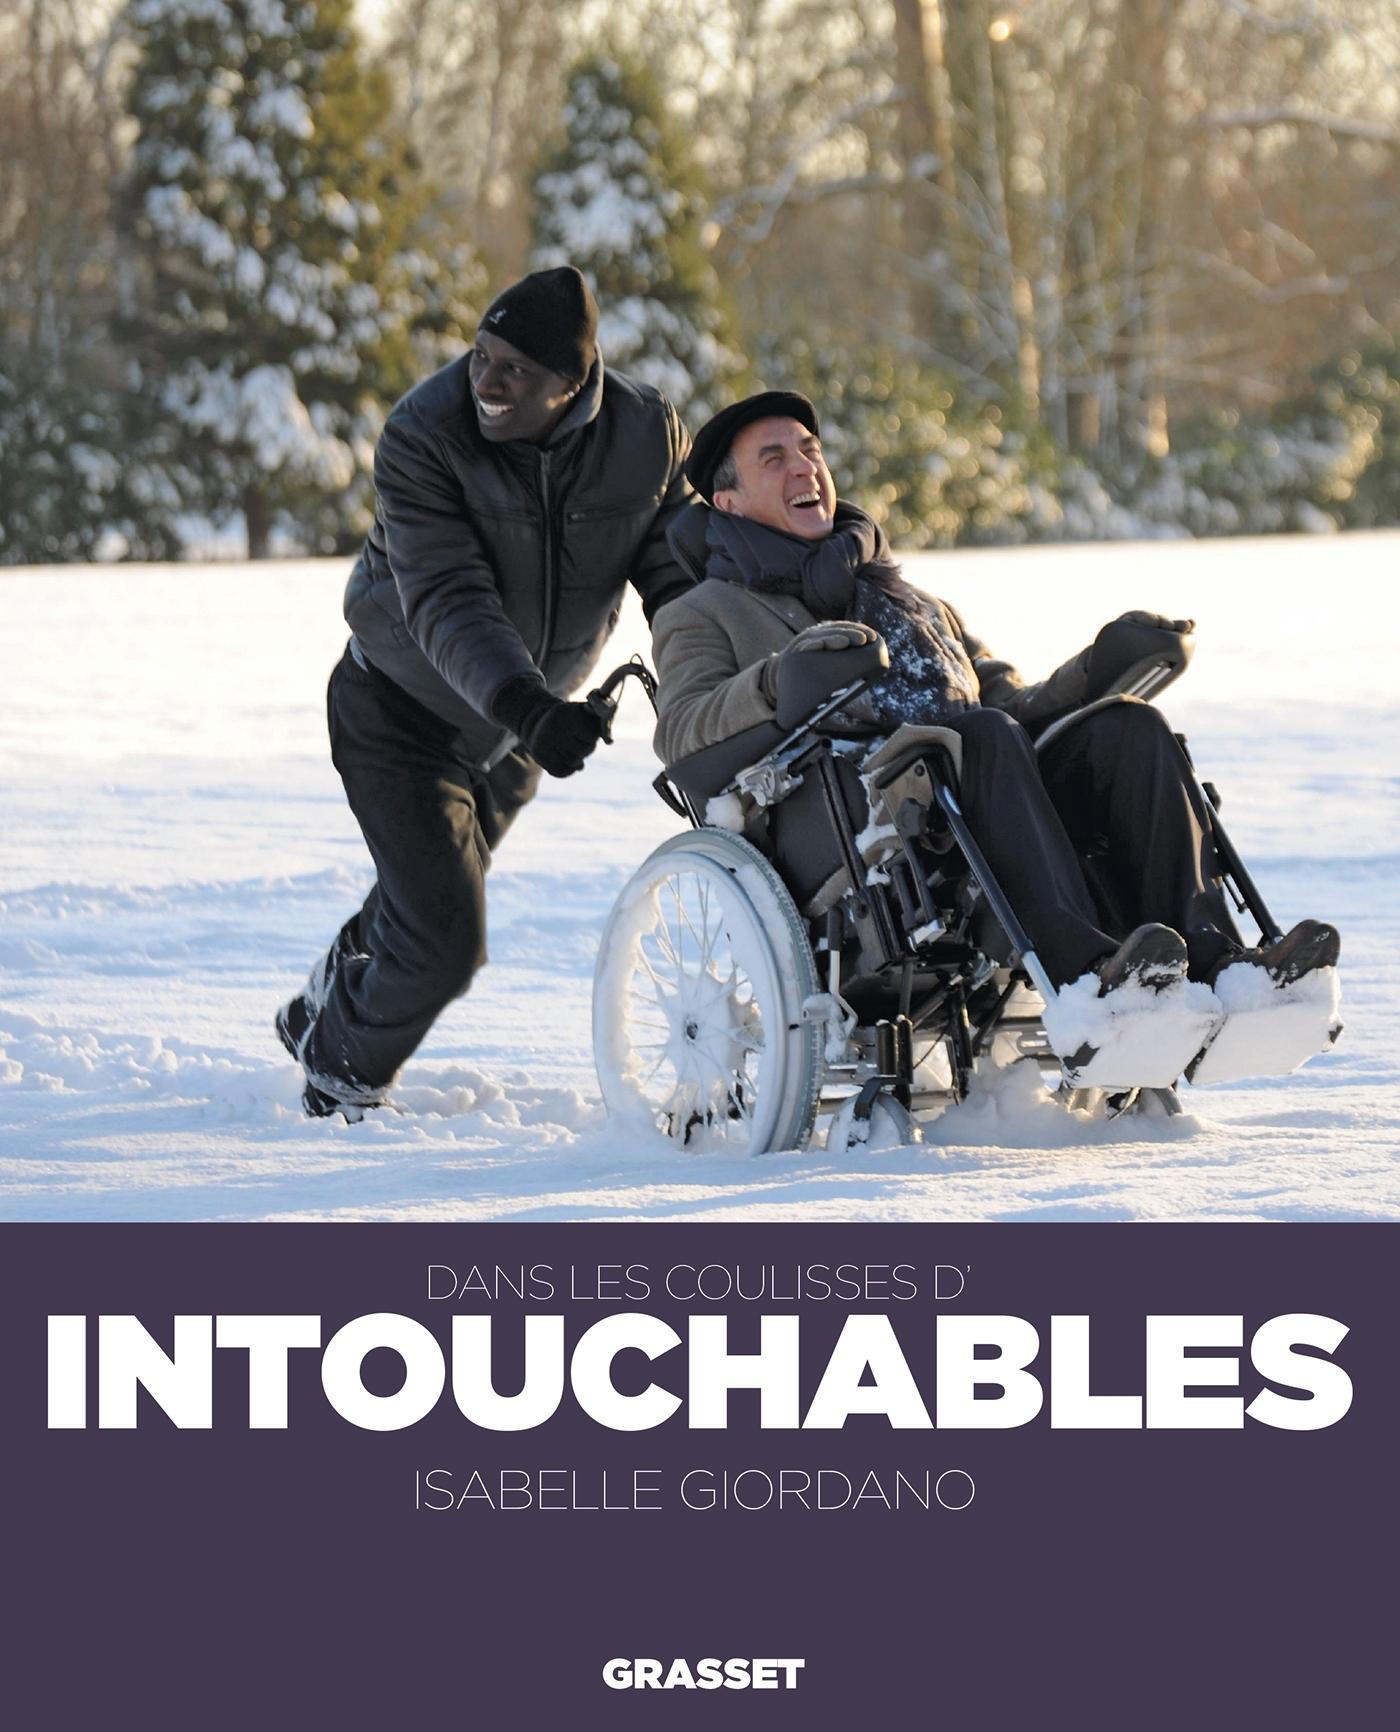 DANS LES COULISSES D'INTOUCHABLES